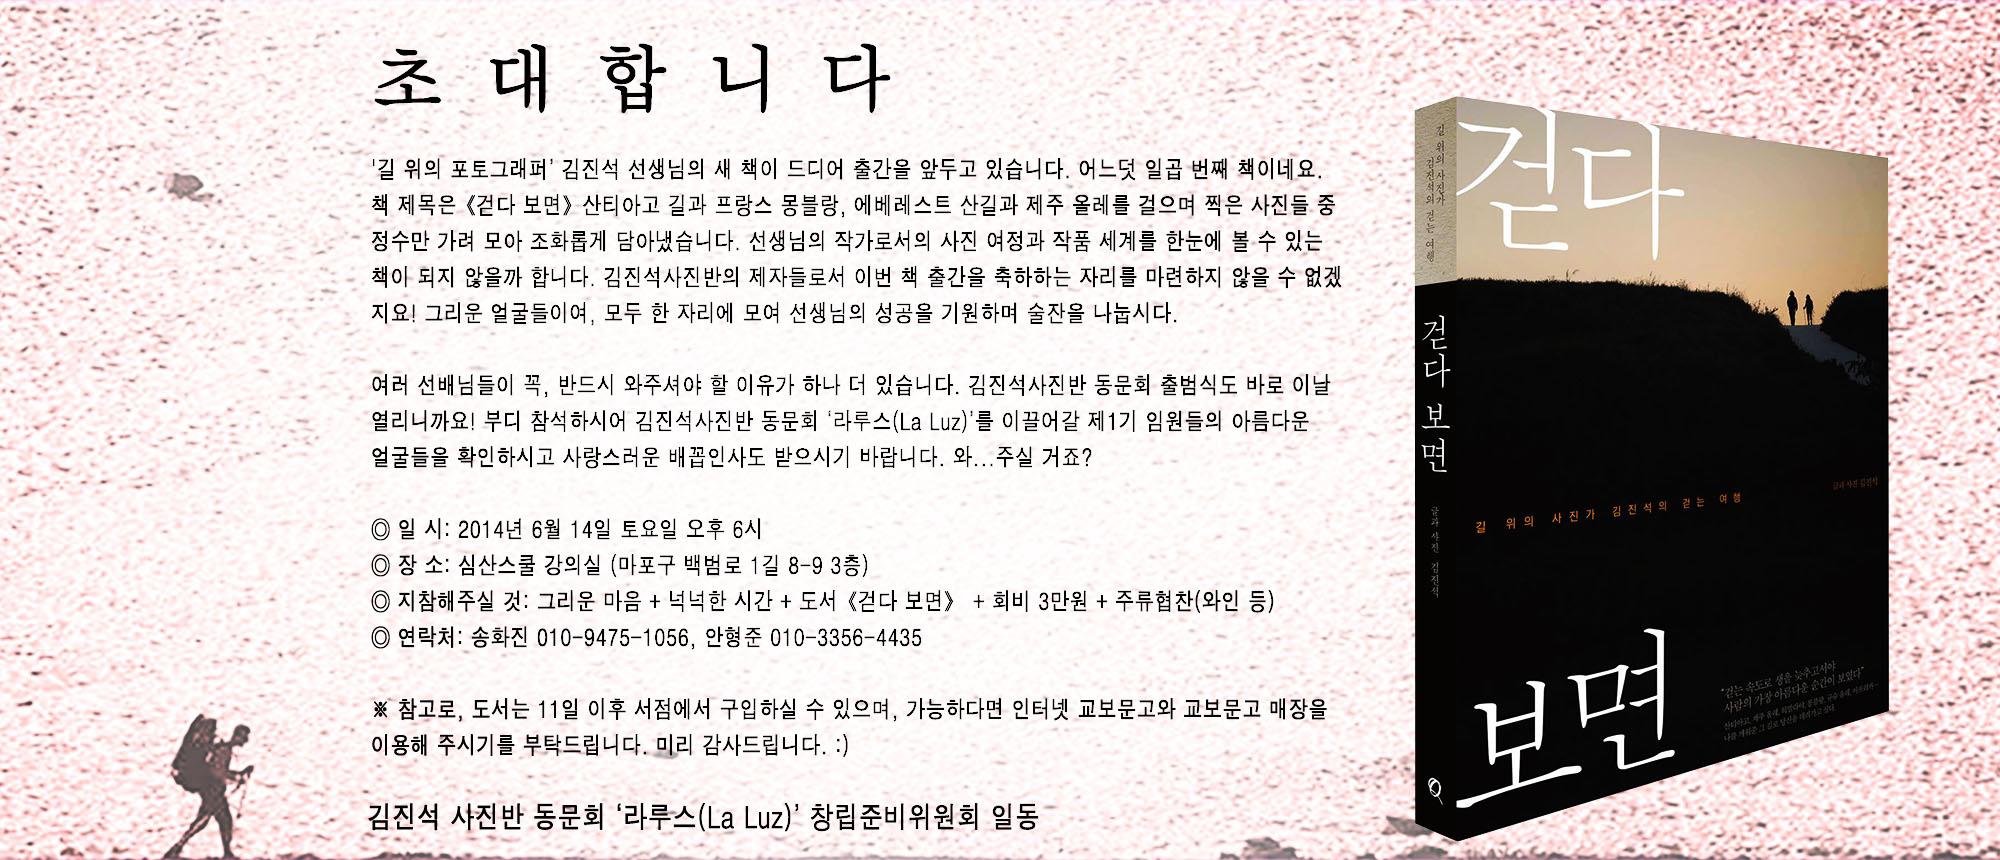 김진석_출판기념회_초대장.jpg